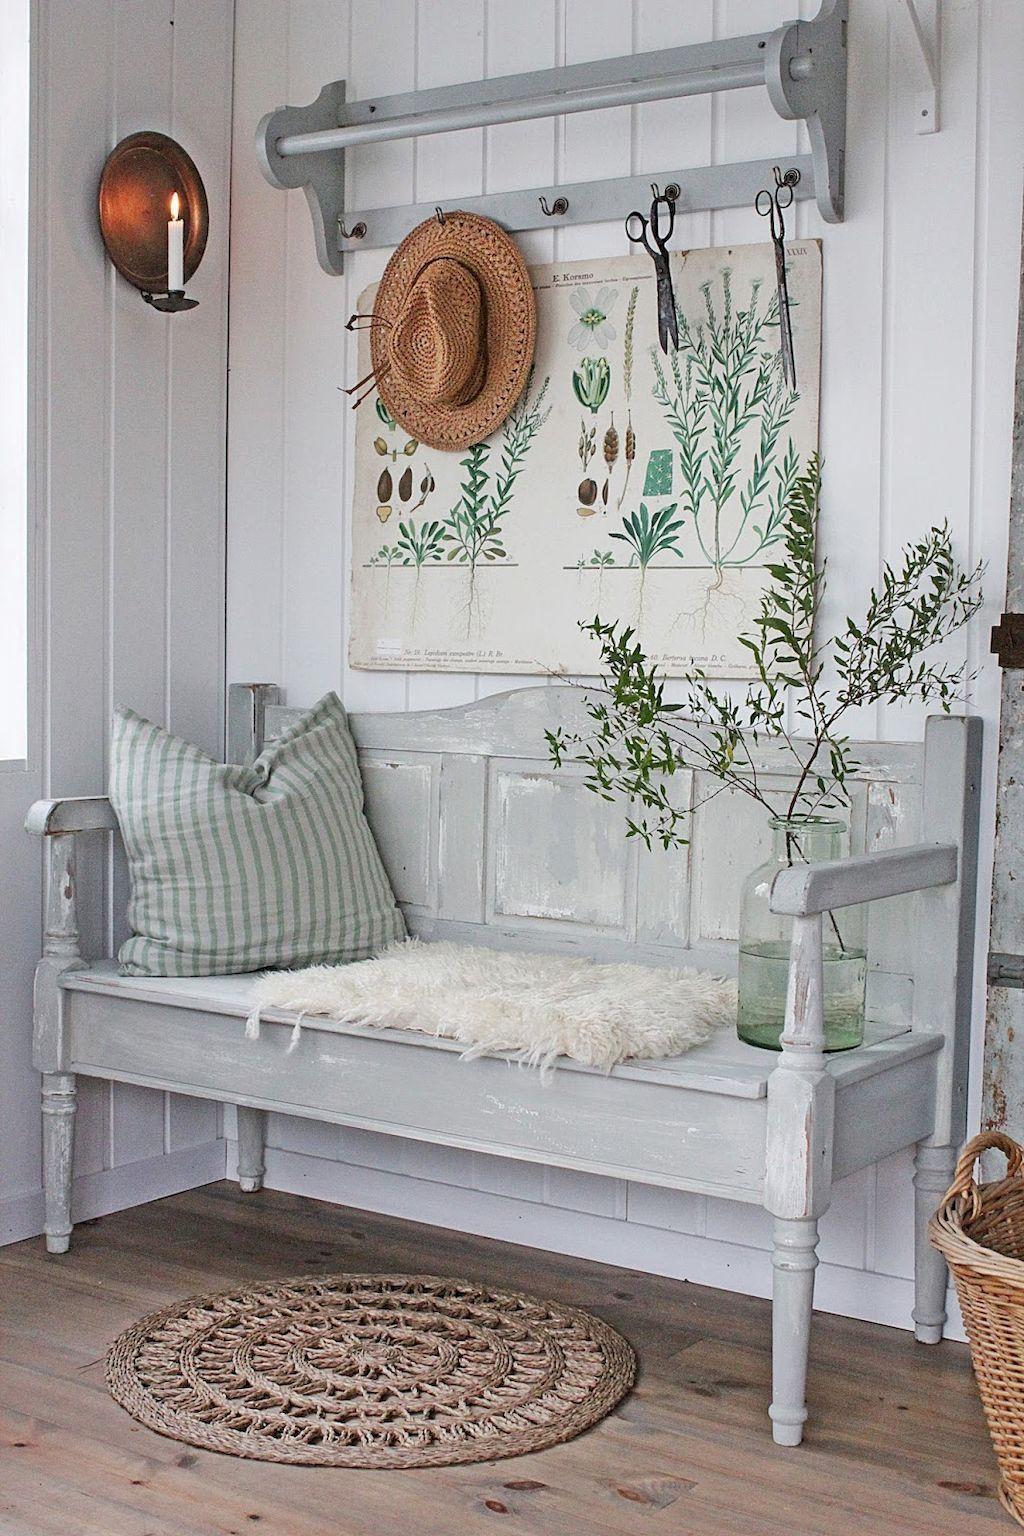 75 Best Farmhouse Entryway Decorating Ideas | Farmhouse style, House ...